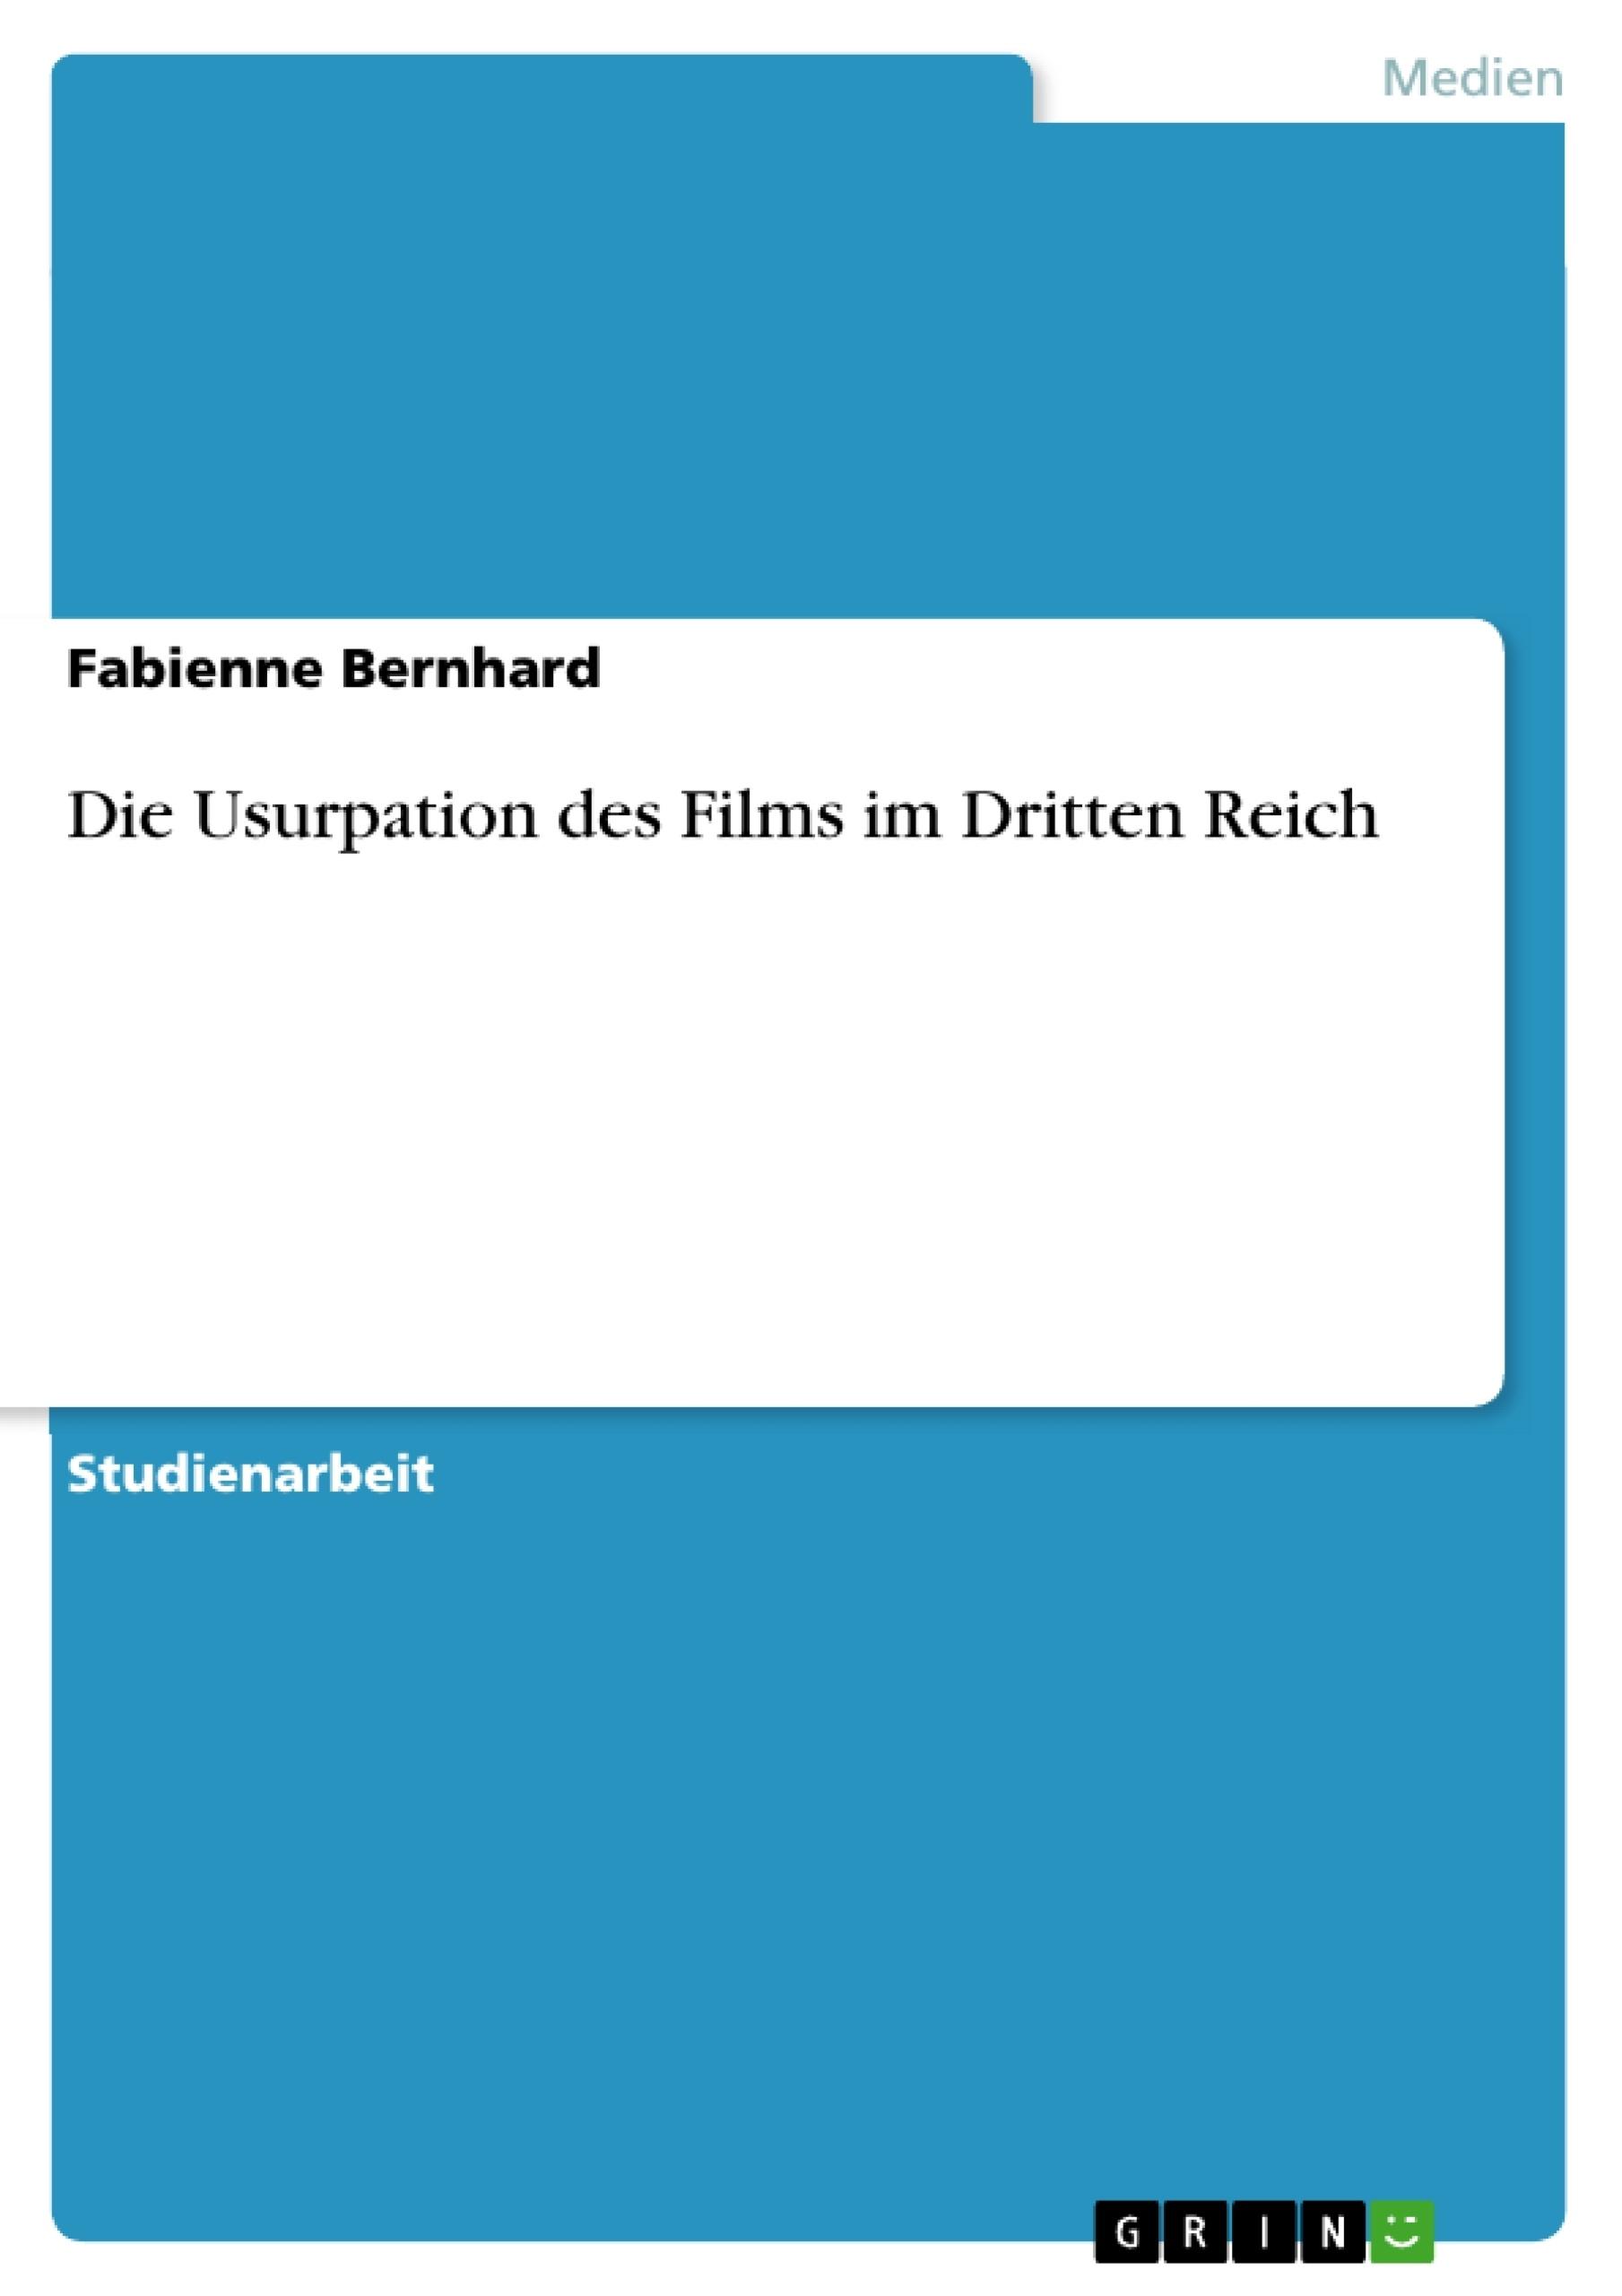 Titel: Die Usurpation des Films im Dritten Reich